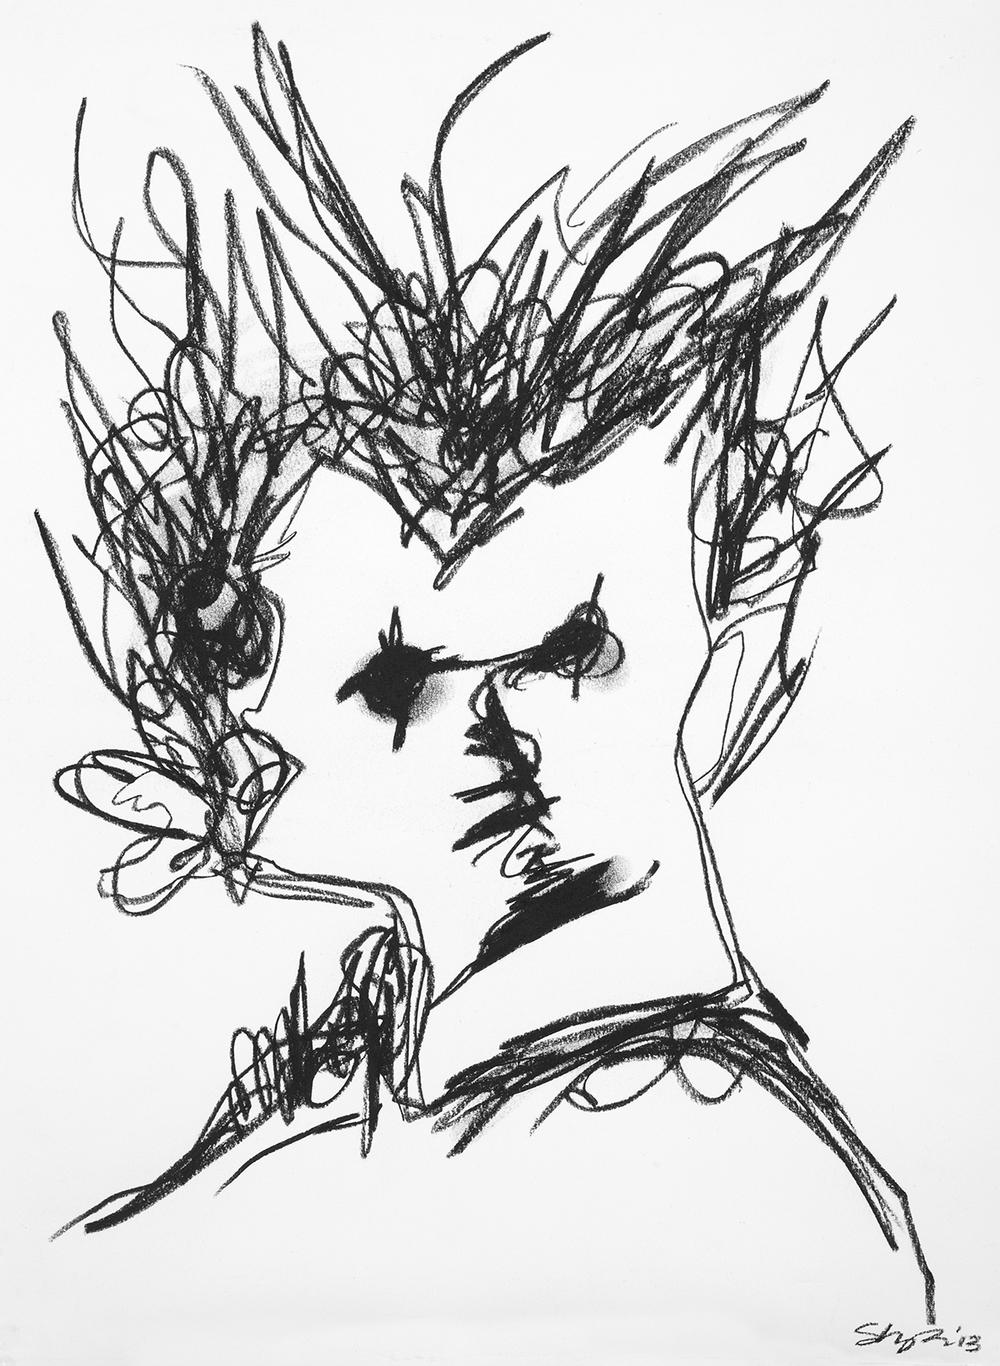 Sketchball 1